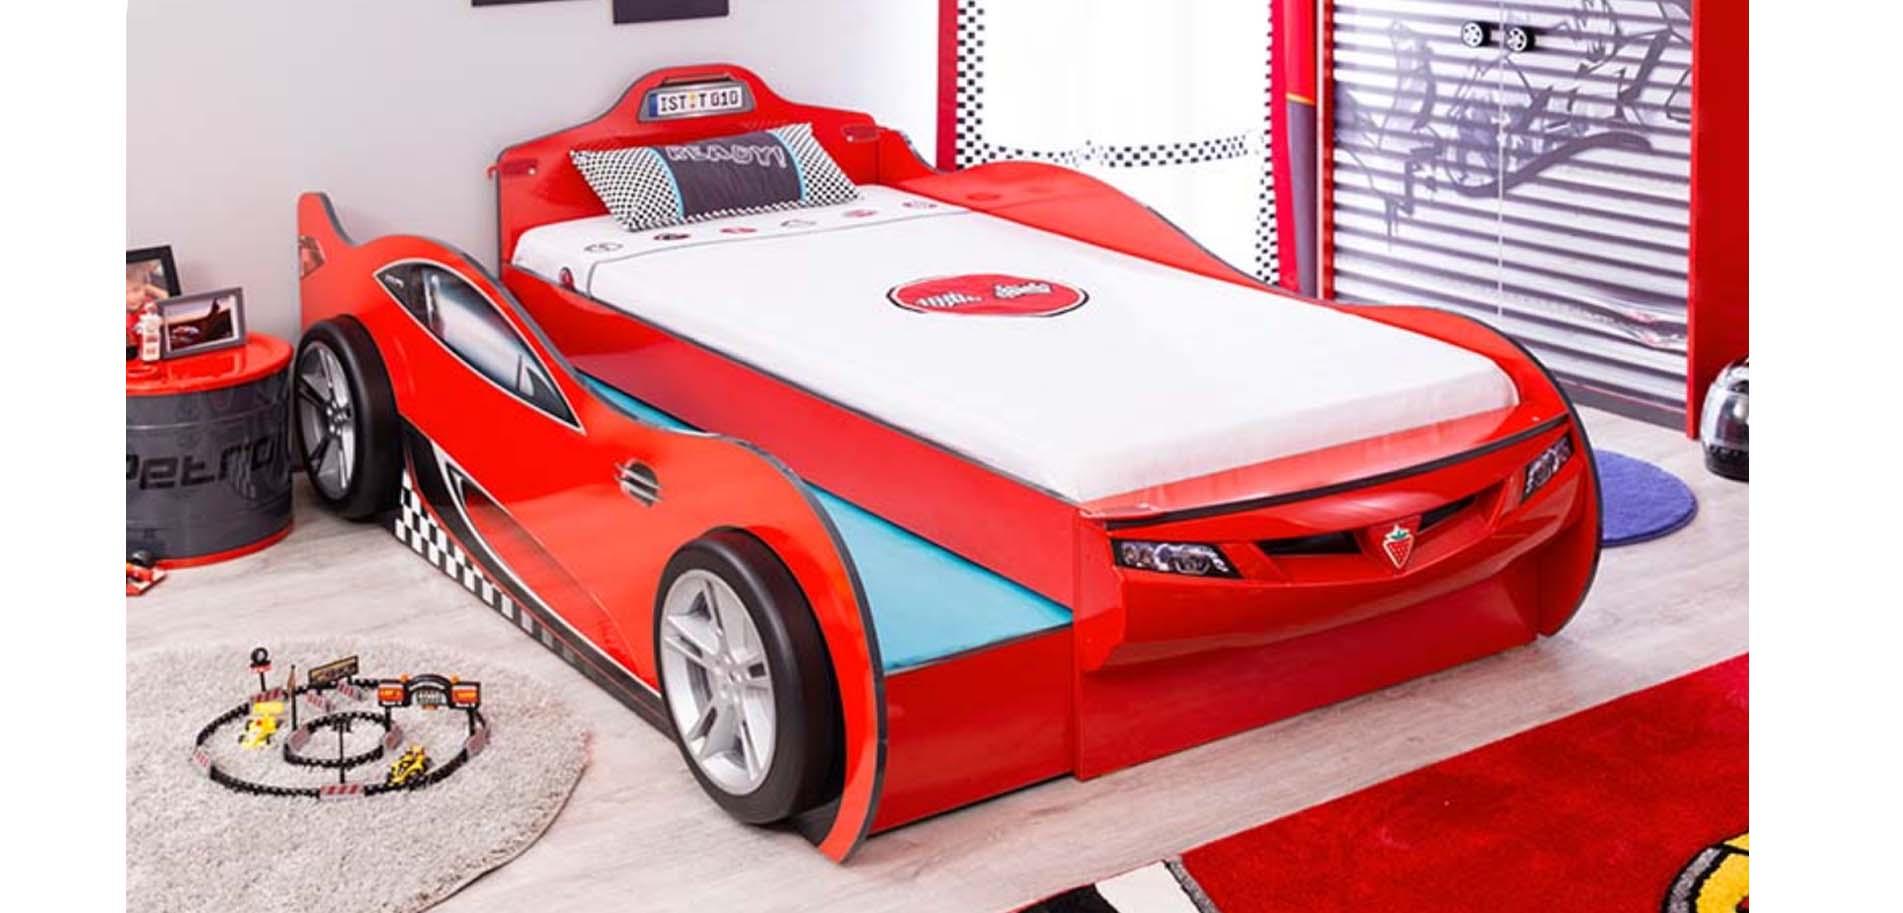 06729f9c45d ... παιδικο κρεβατι αυτοκινητο προσφορα Παιδικό Κρεβάτι Αυτοκίνητο GT 1313  | Έπιπλο Φωτιστικό Μιχαλόπουλος παιδικο κρεβατι αυτοκινητο ...